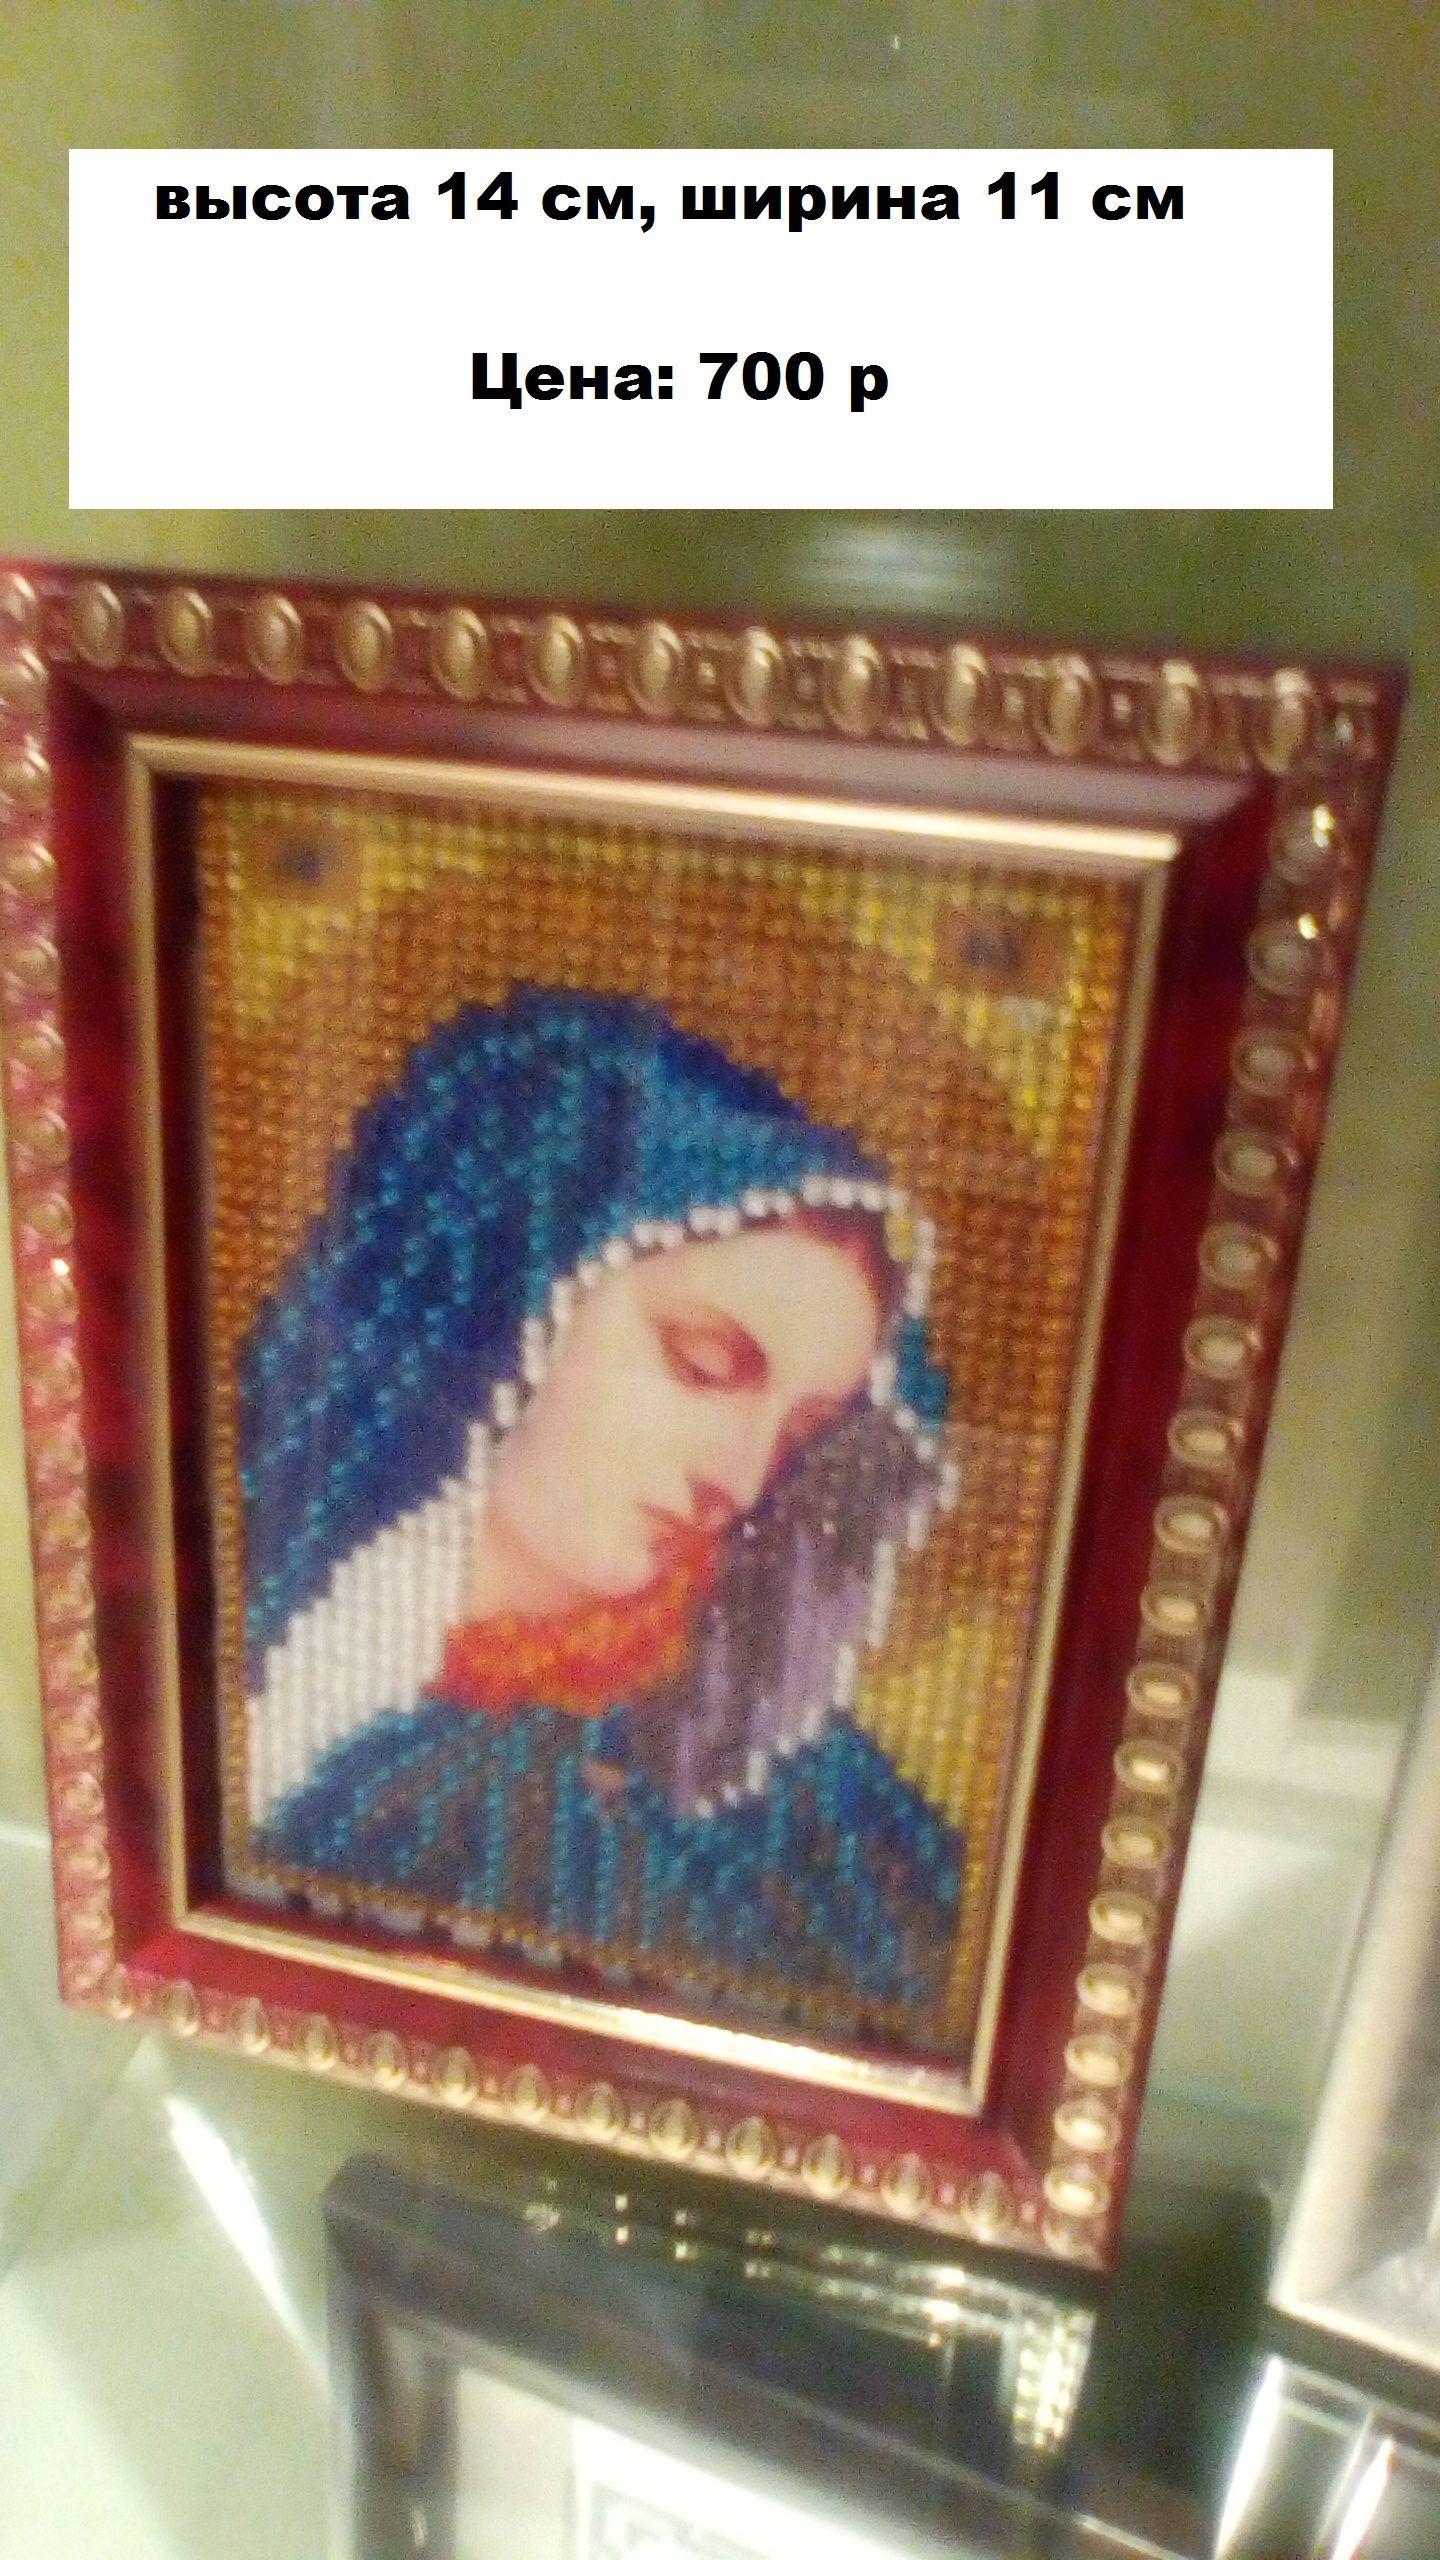 бисер работа ручная вышивка икона сувенир подарок